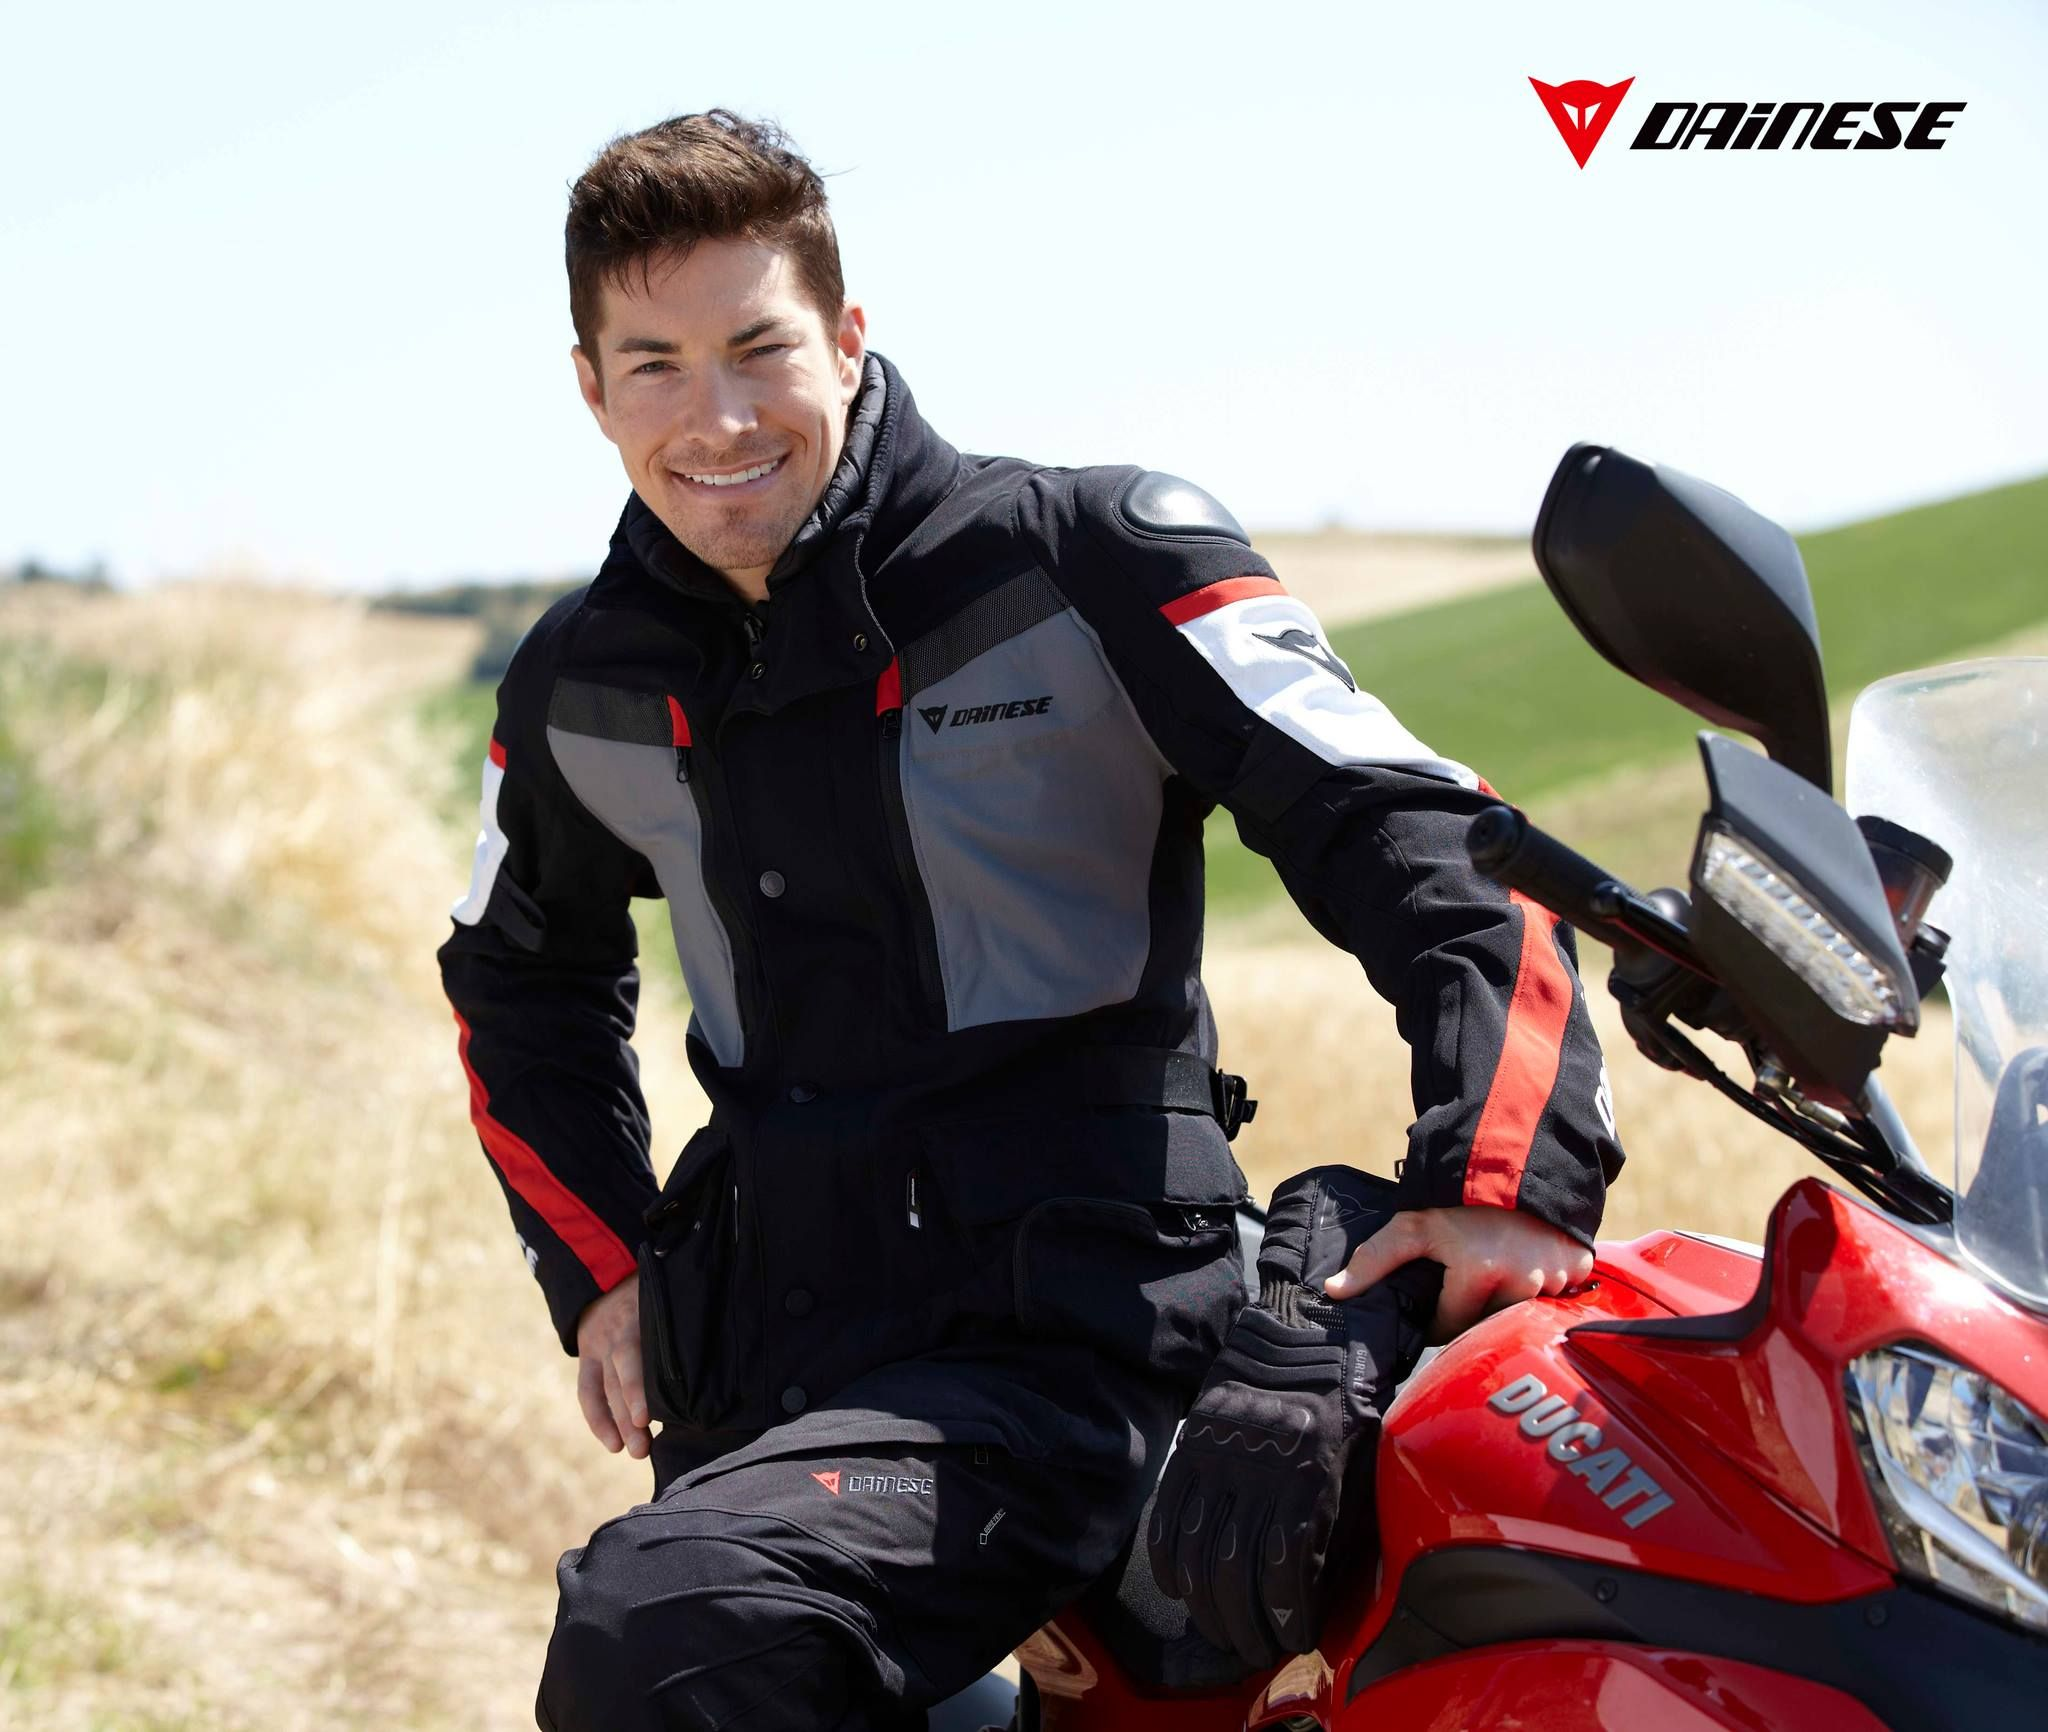 Dainese Händler Motorradbekleidung und Motorradstiefel